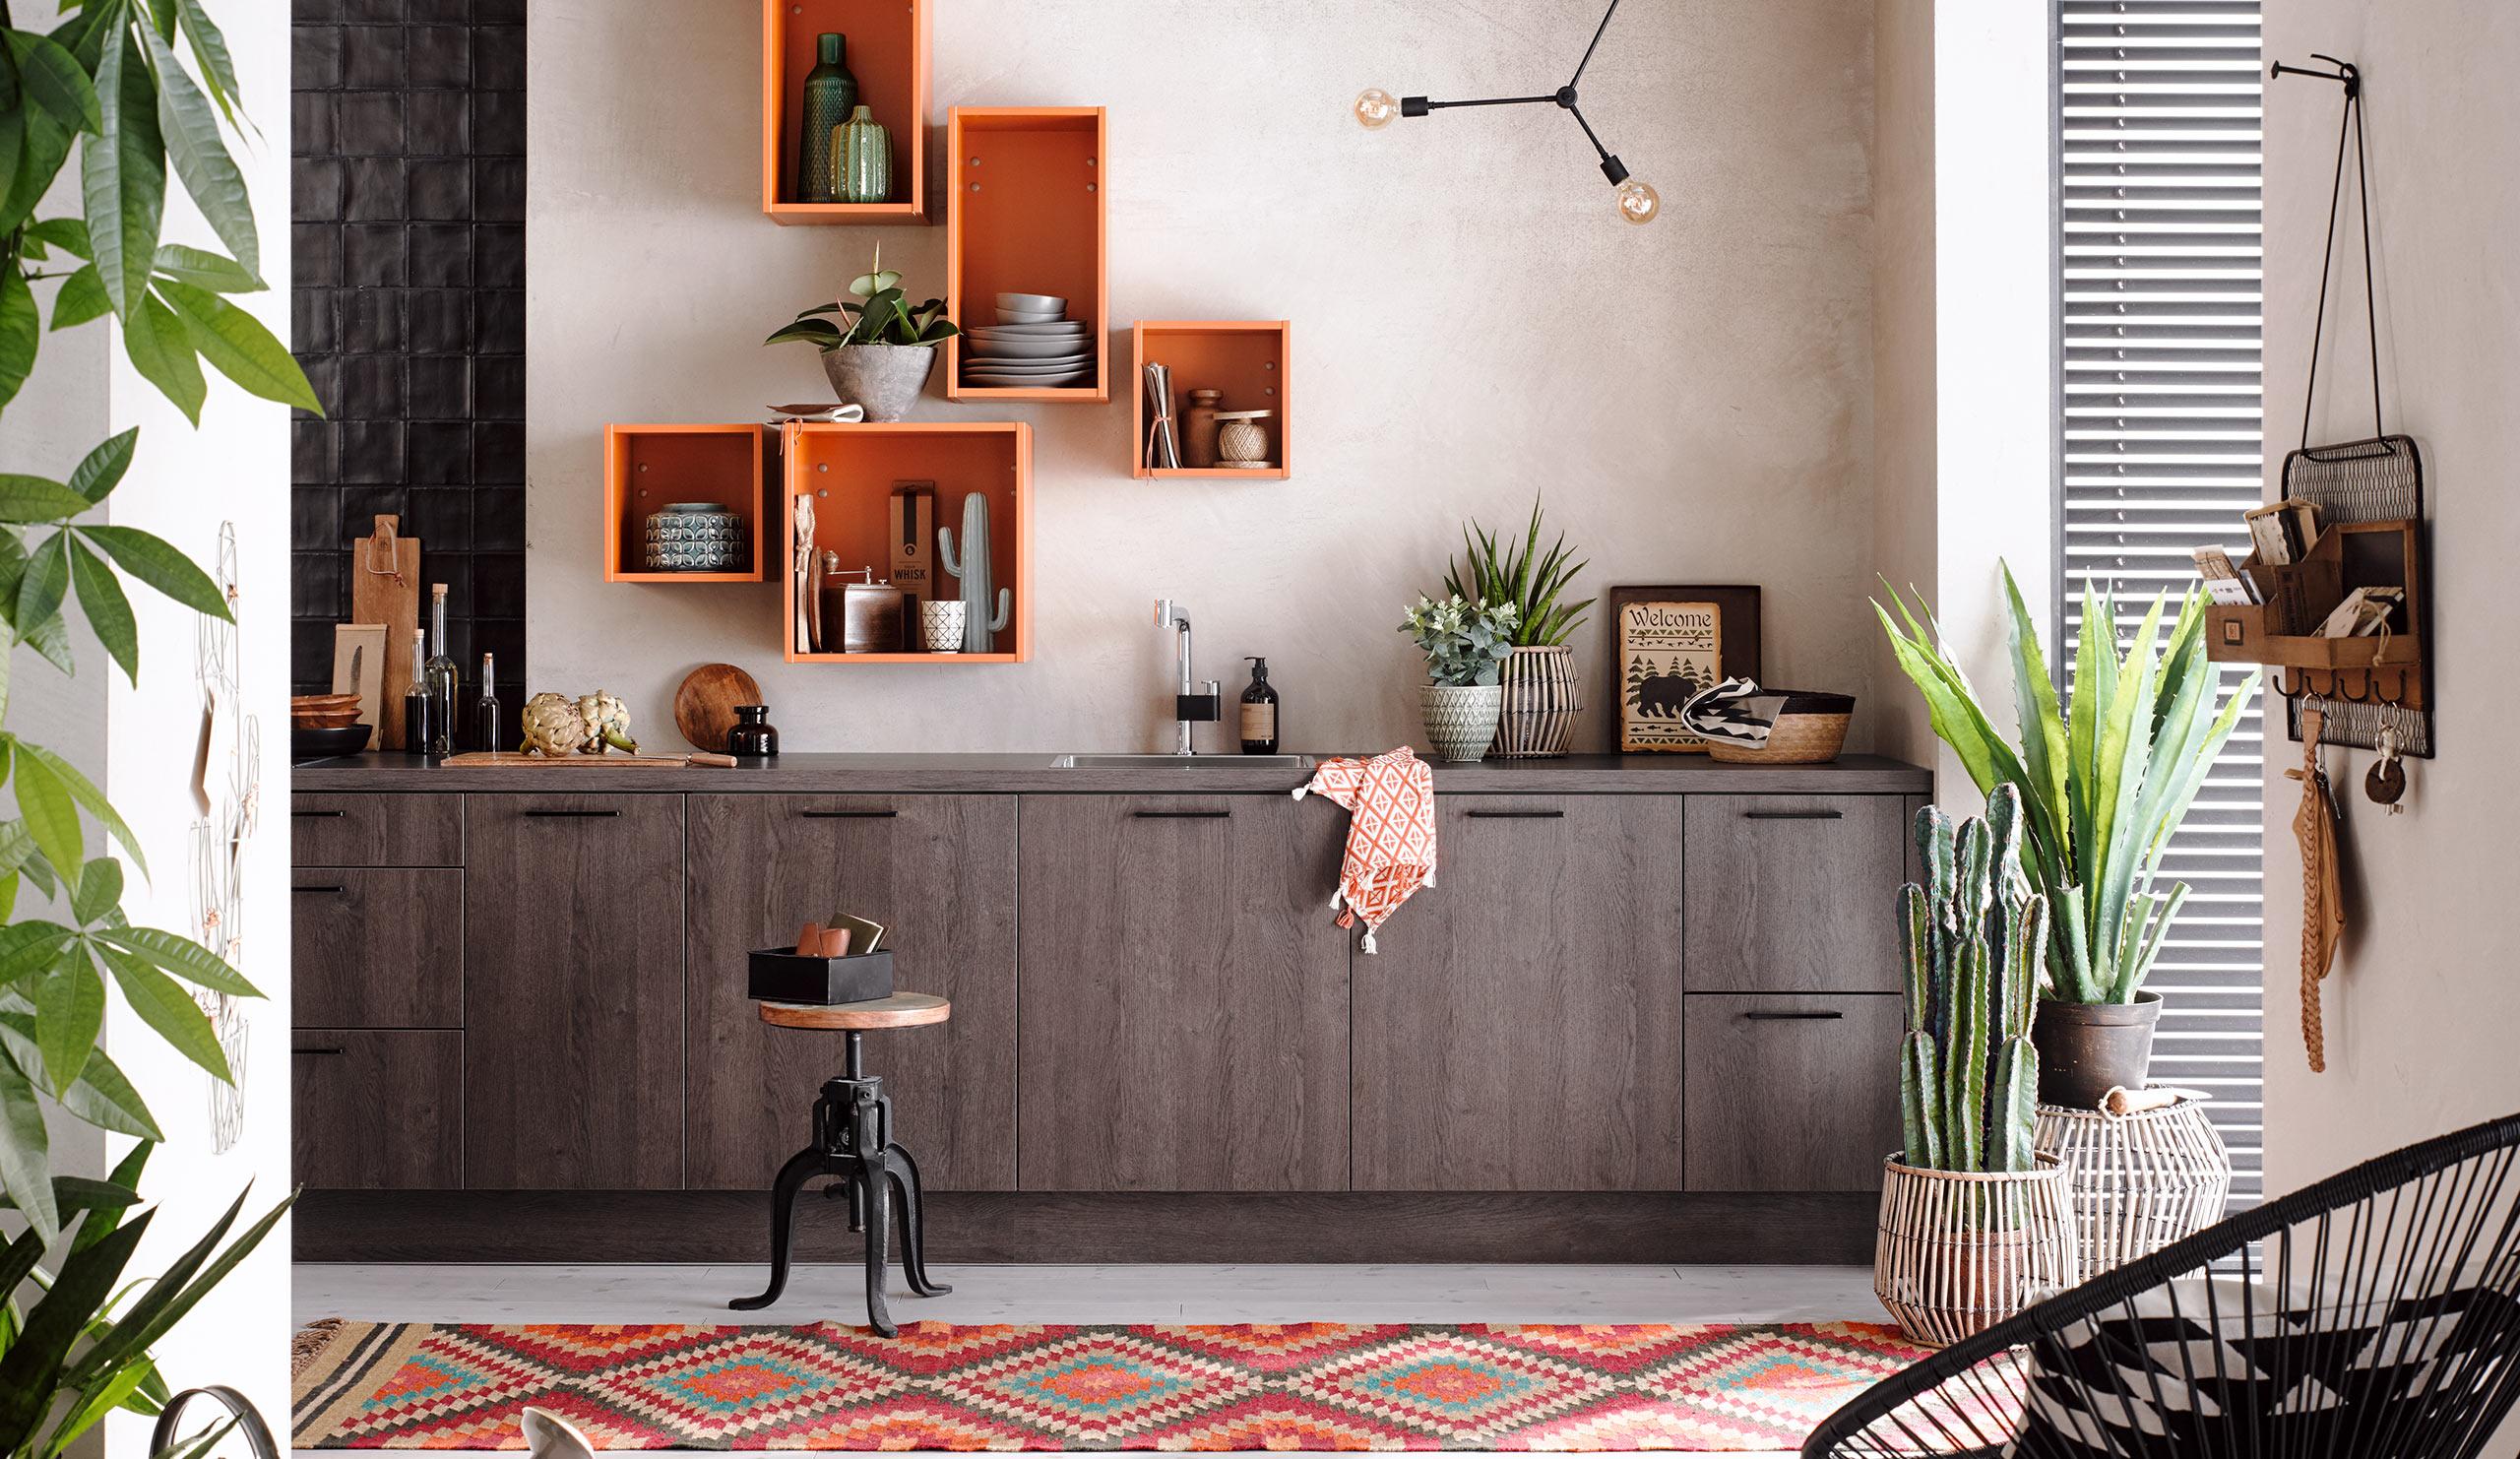 Full Size of Einlegeboden Küchenschrank Einlegeböden Küchenschränke Einlegeböden Küchenschrank Einlegeboden Küchenschrank Ikea Küche Einlegeböden Küche